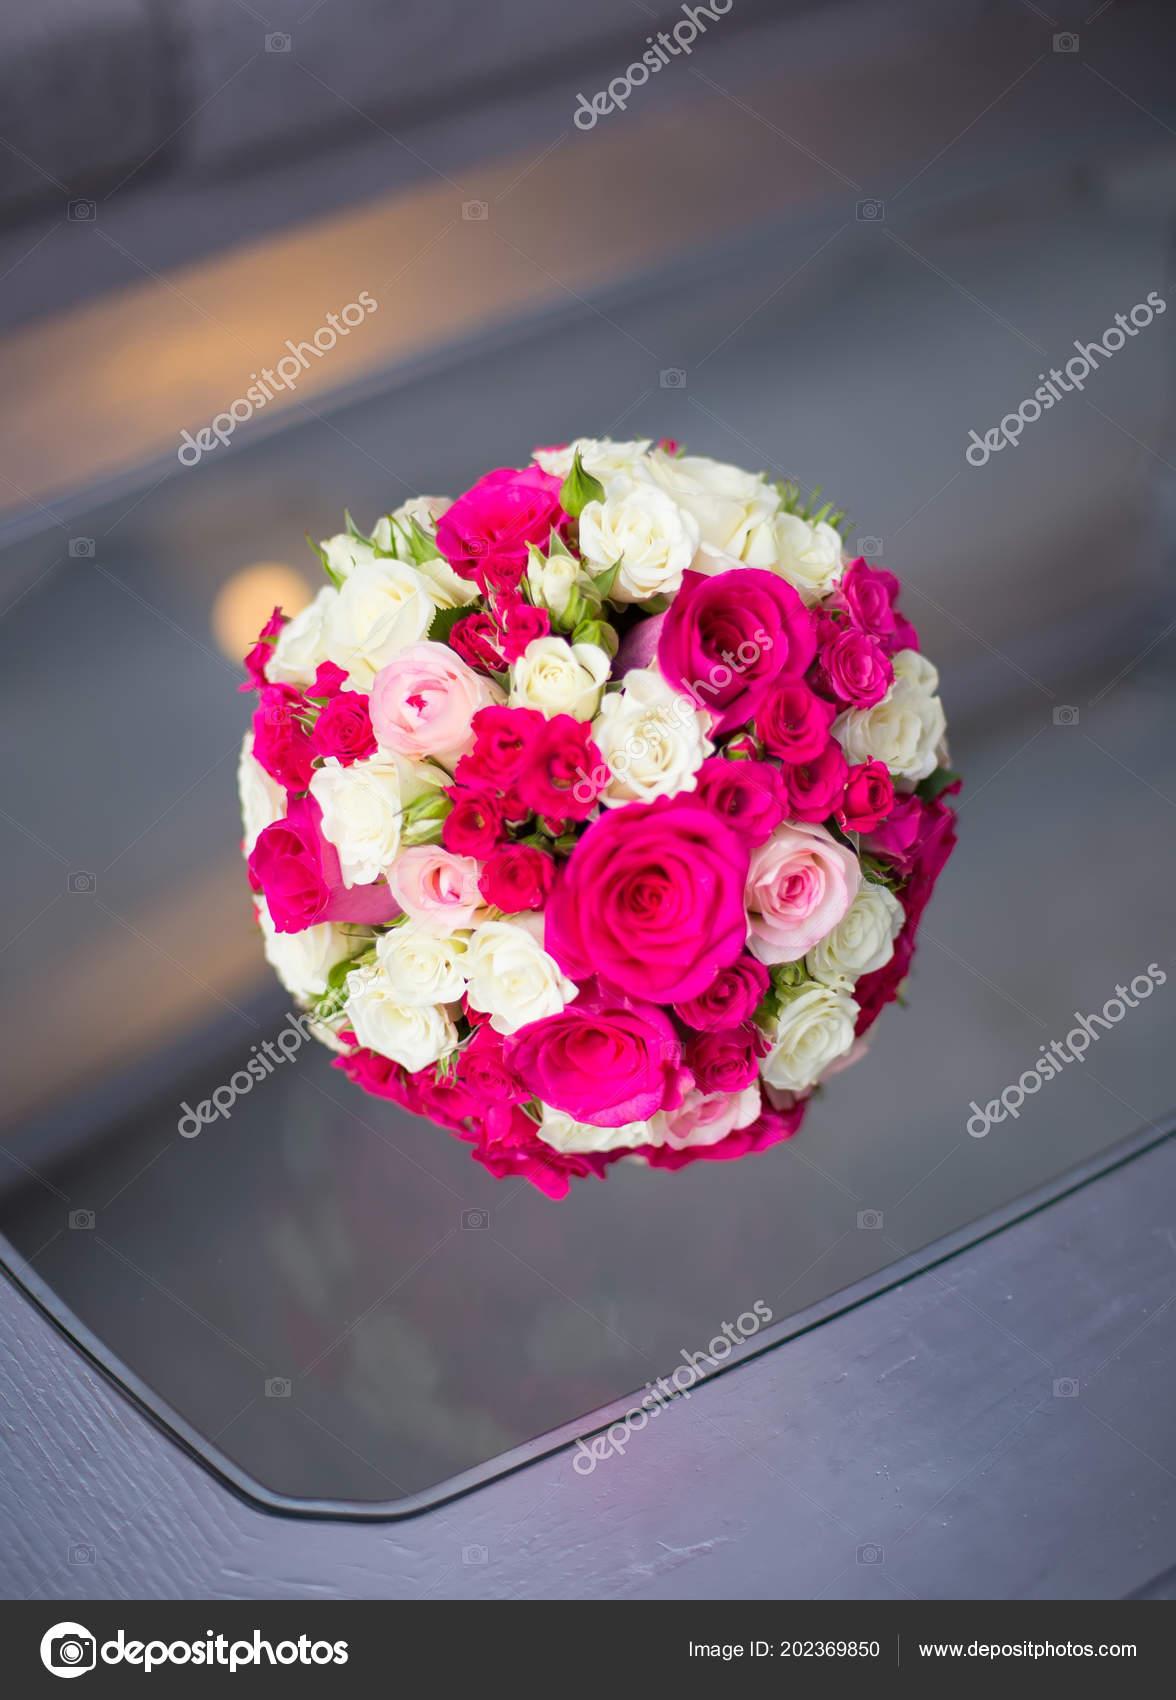 Hochzeit Zu Sattigen Rosa Rosa Blumenstrauss Der Braut Auf Schwarz